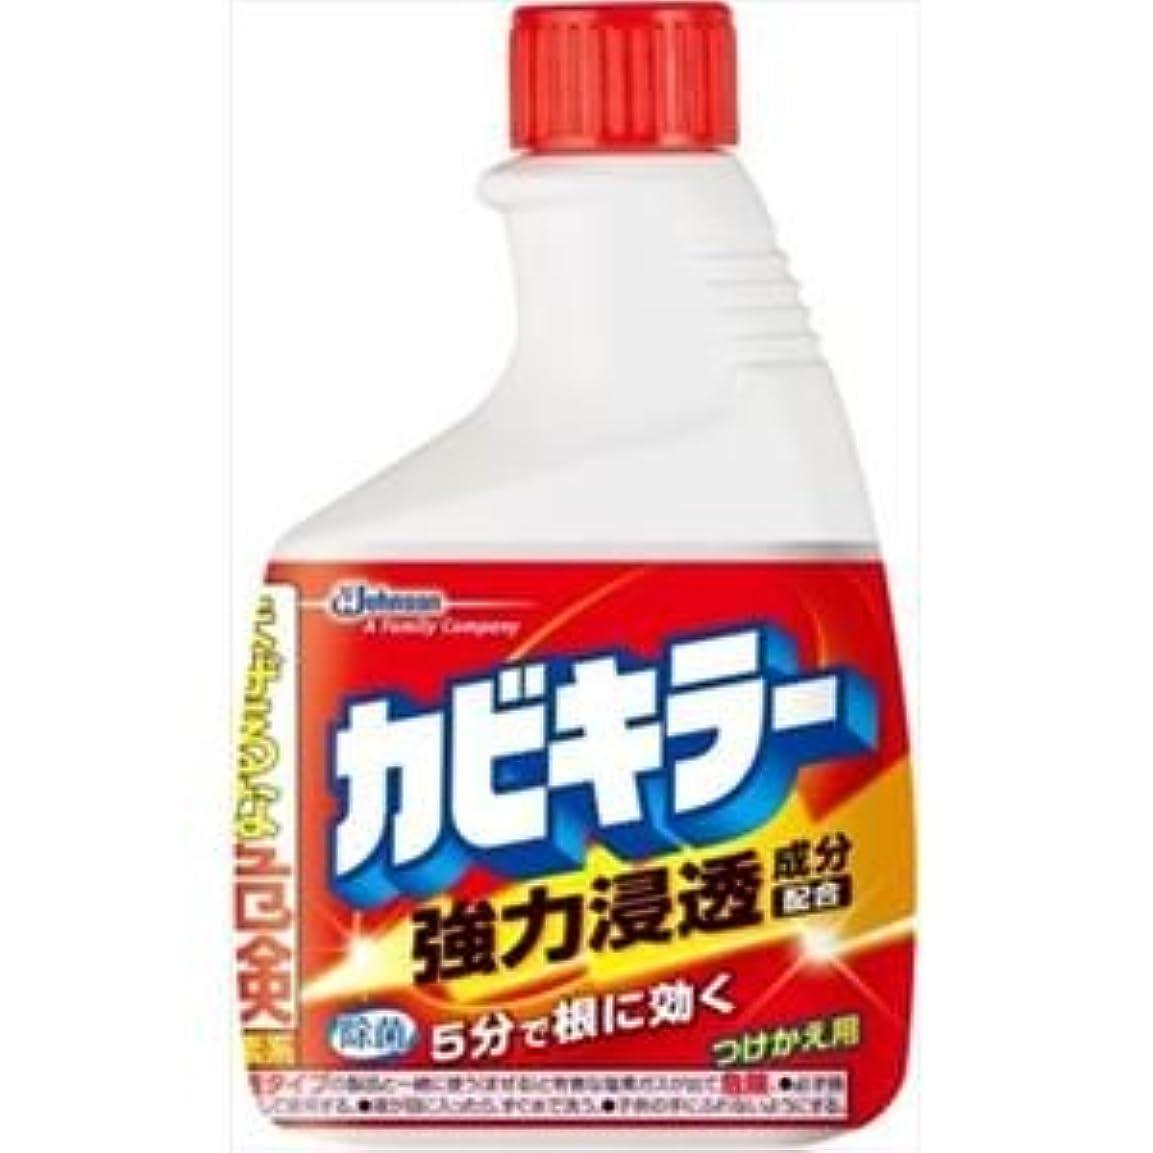 食べる内陸不変(まとめ)ジョンソン 新カビキラー 替 400G 【×5点セット】